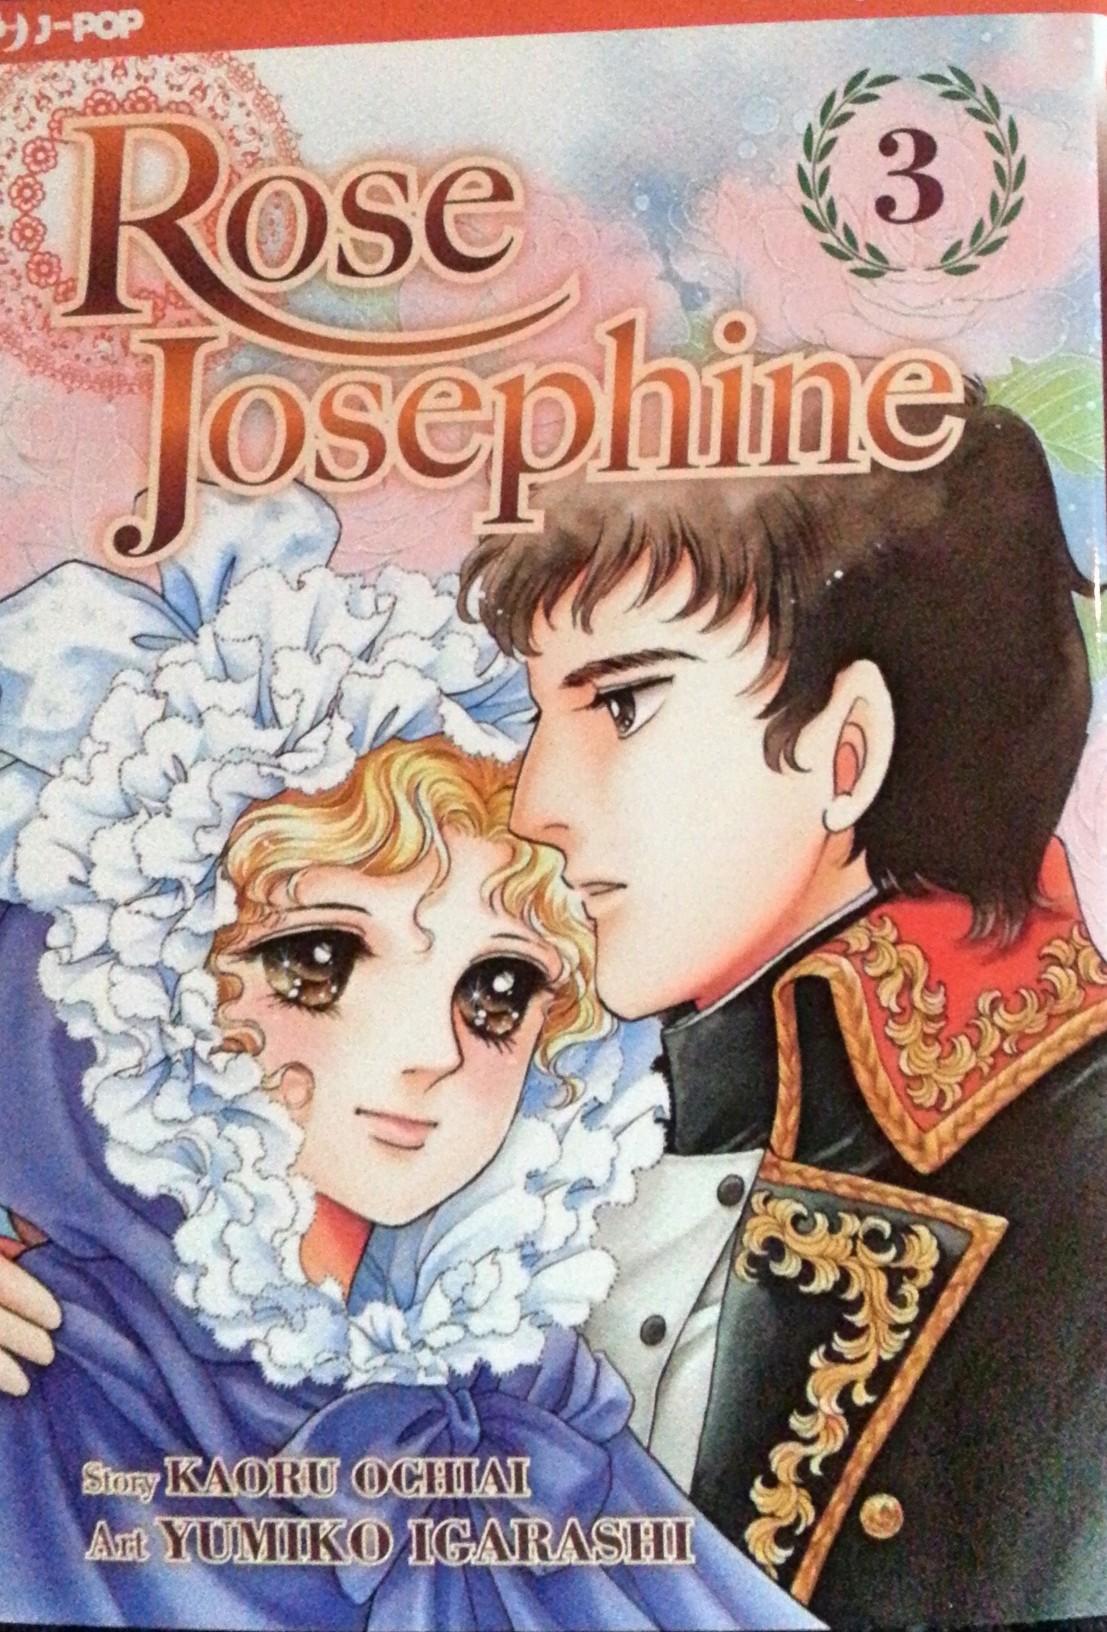 Rose Josephine vol. 3